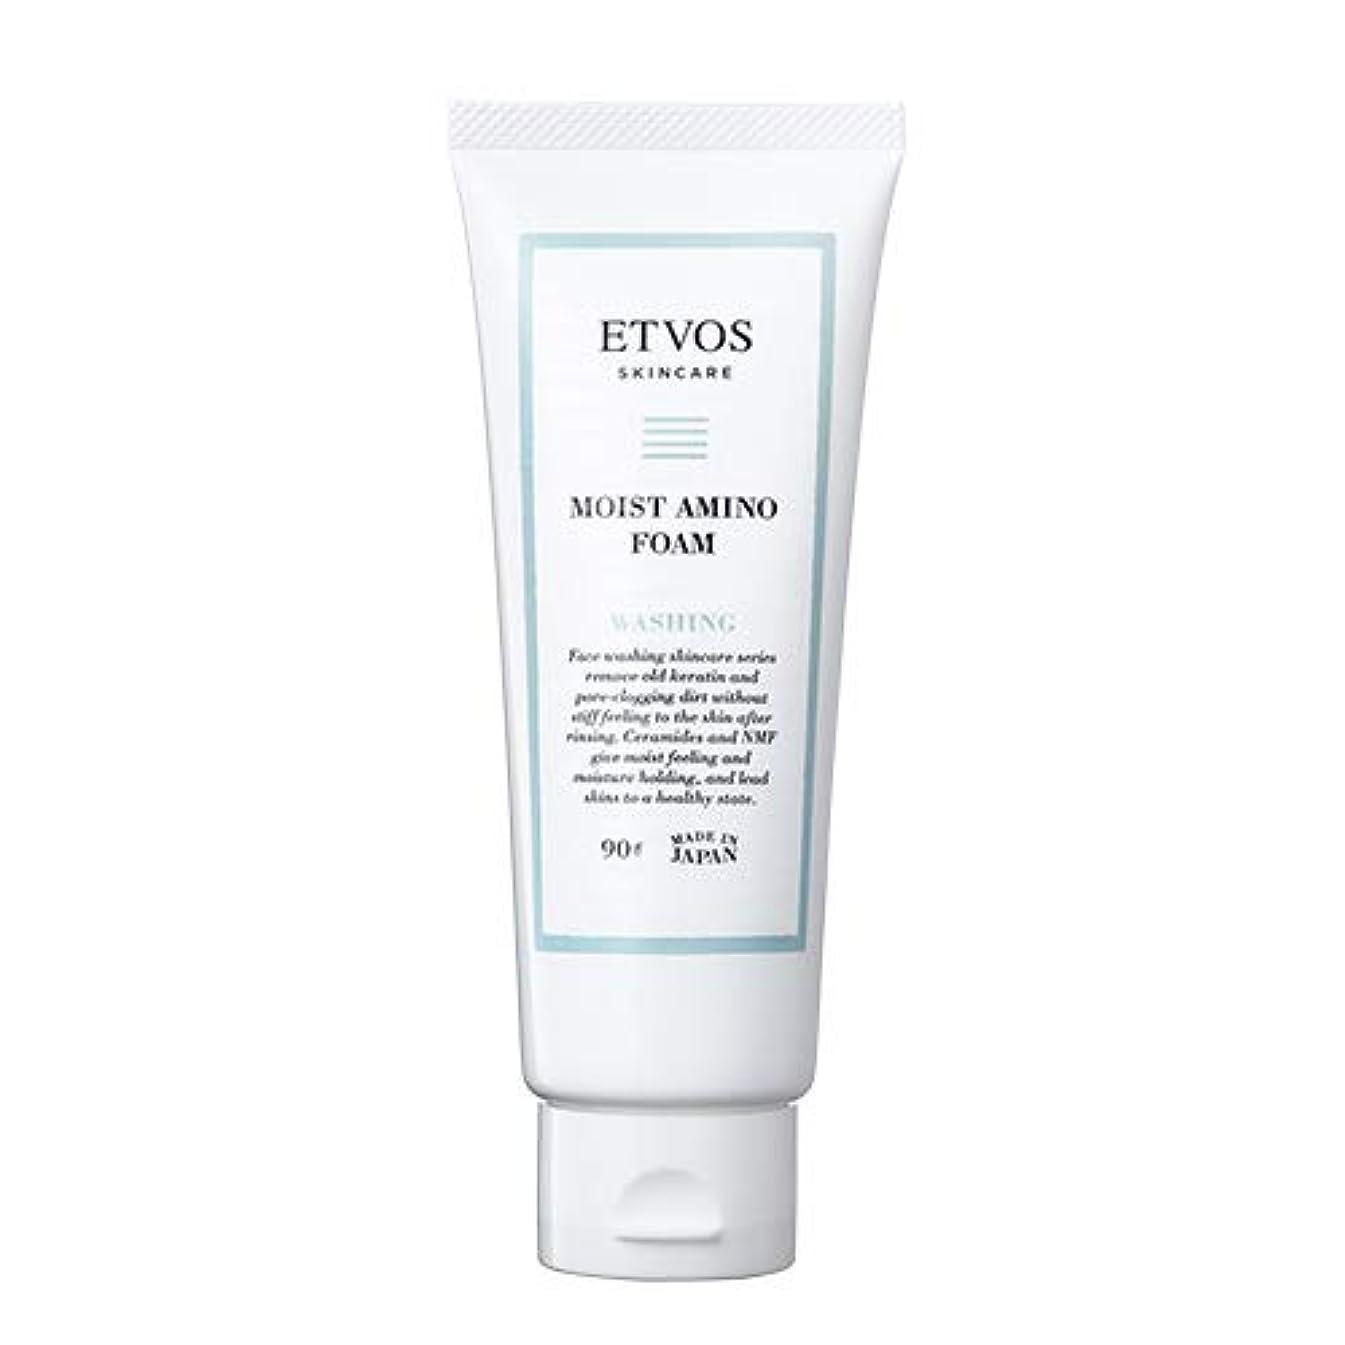 医師女王性的ETVOS(エトヴォス) 洗顔フォーム モイストアミノフォーム 90g ヒト型セラミド アミノ酸系 乾燥肌/敏感肌